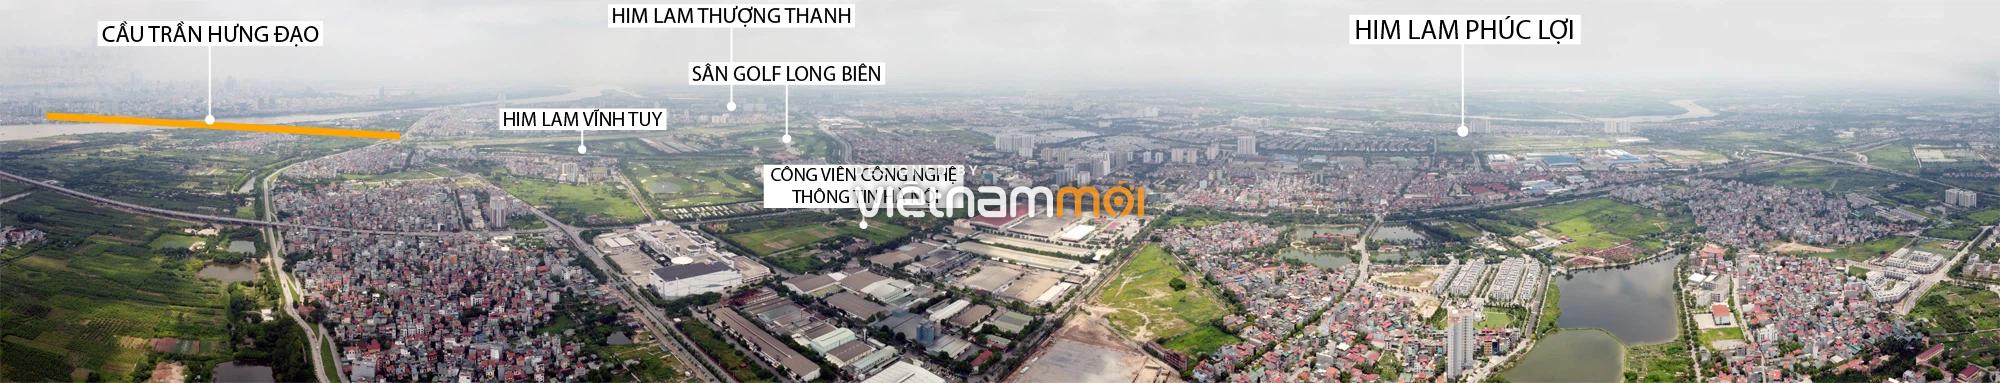 Toàn cảnh các dự án của Him Lam được hưởng lợi từ cầu Trần Hưng Đạo - Ảnh 11.